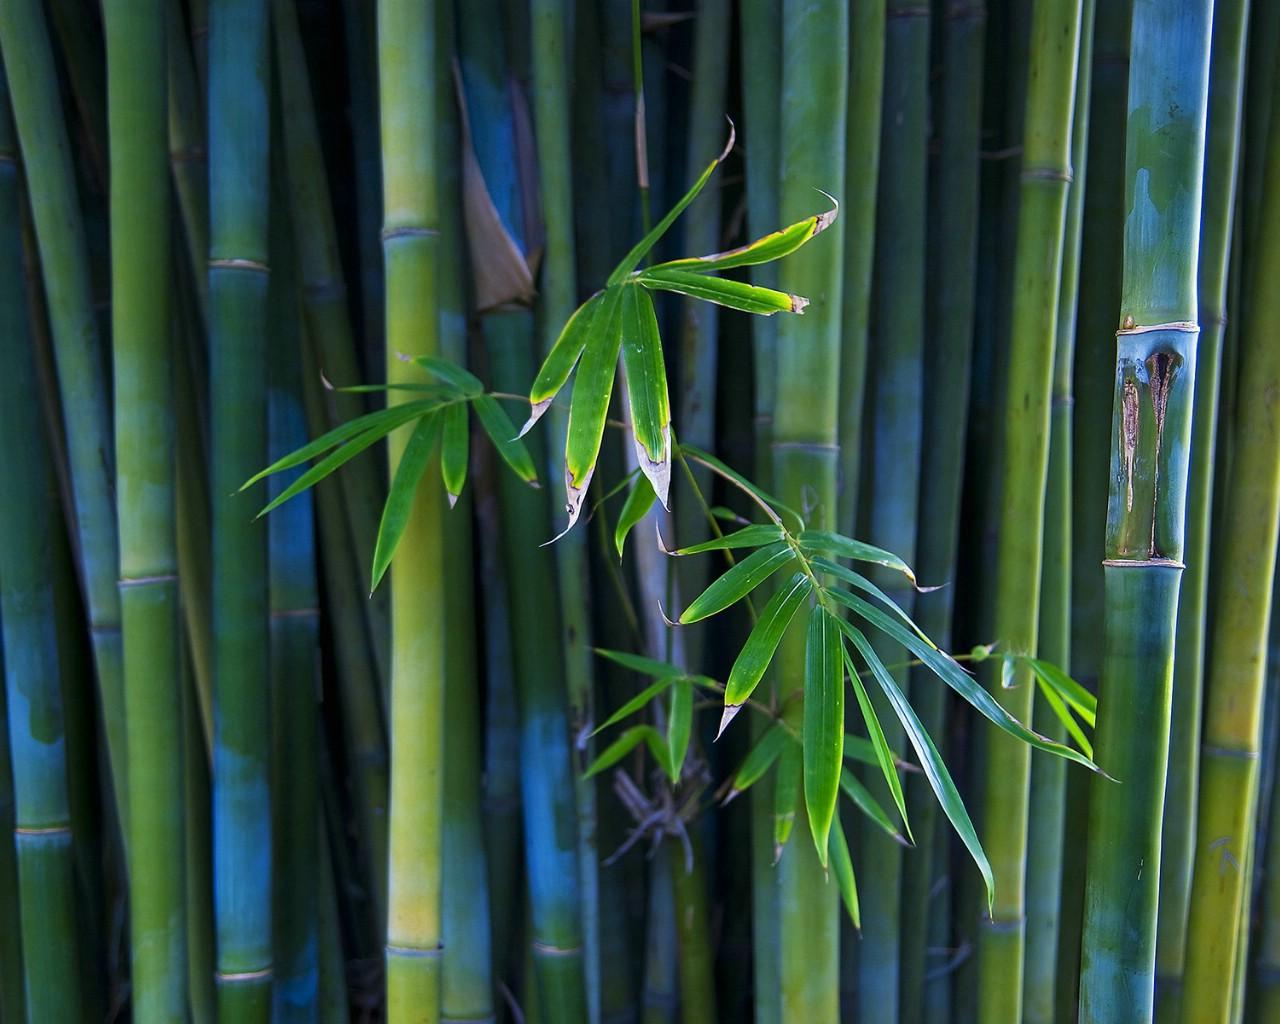 桌面竹子风景壁纸